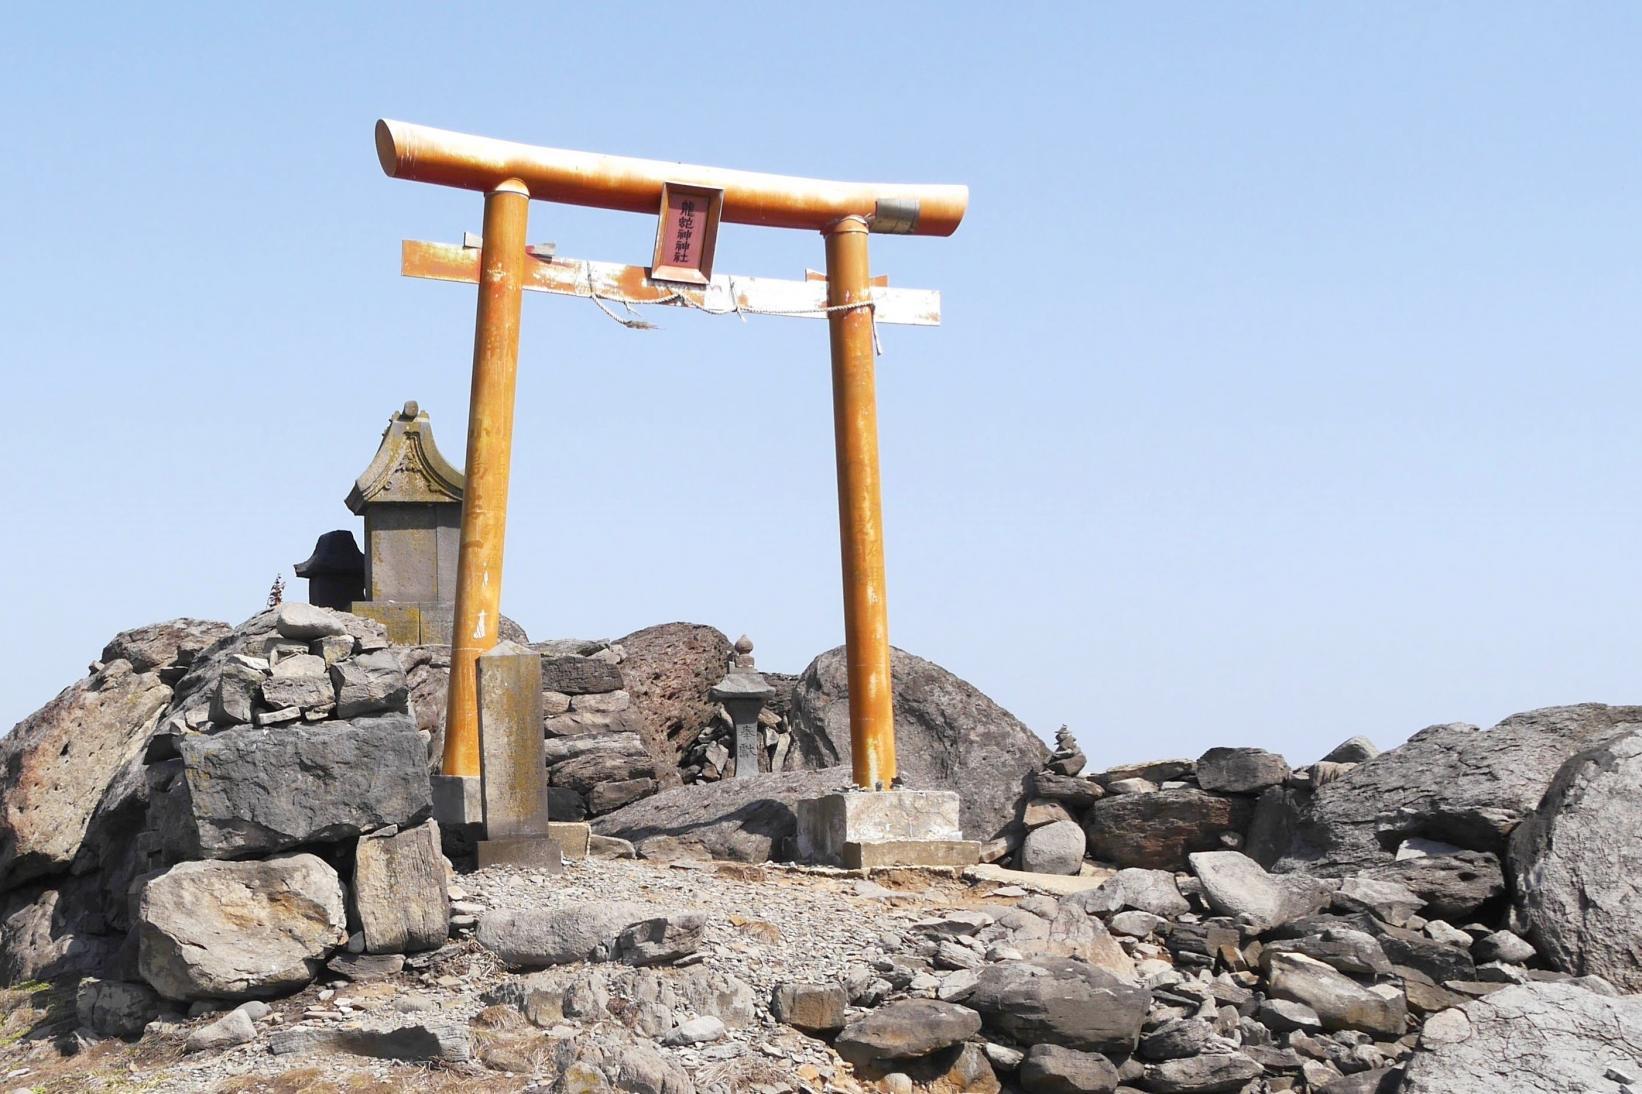 龍蛇神社(芦辺町) ~龍の背中?奇石が広がるパワースポット~-4